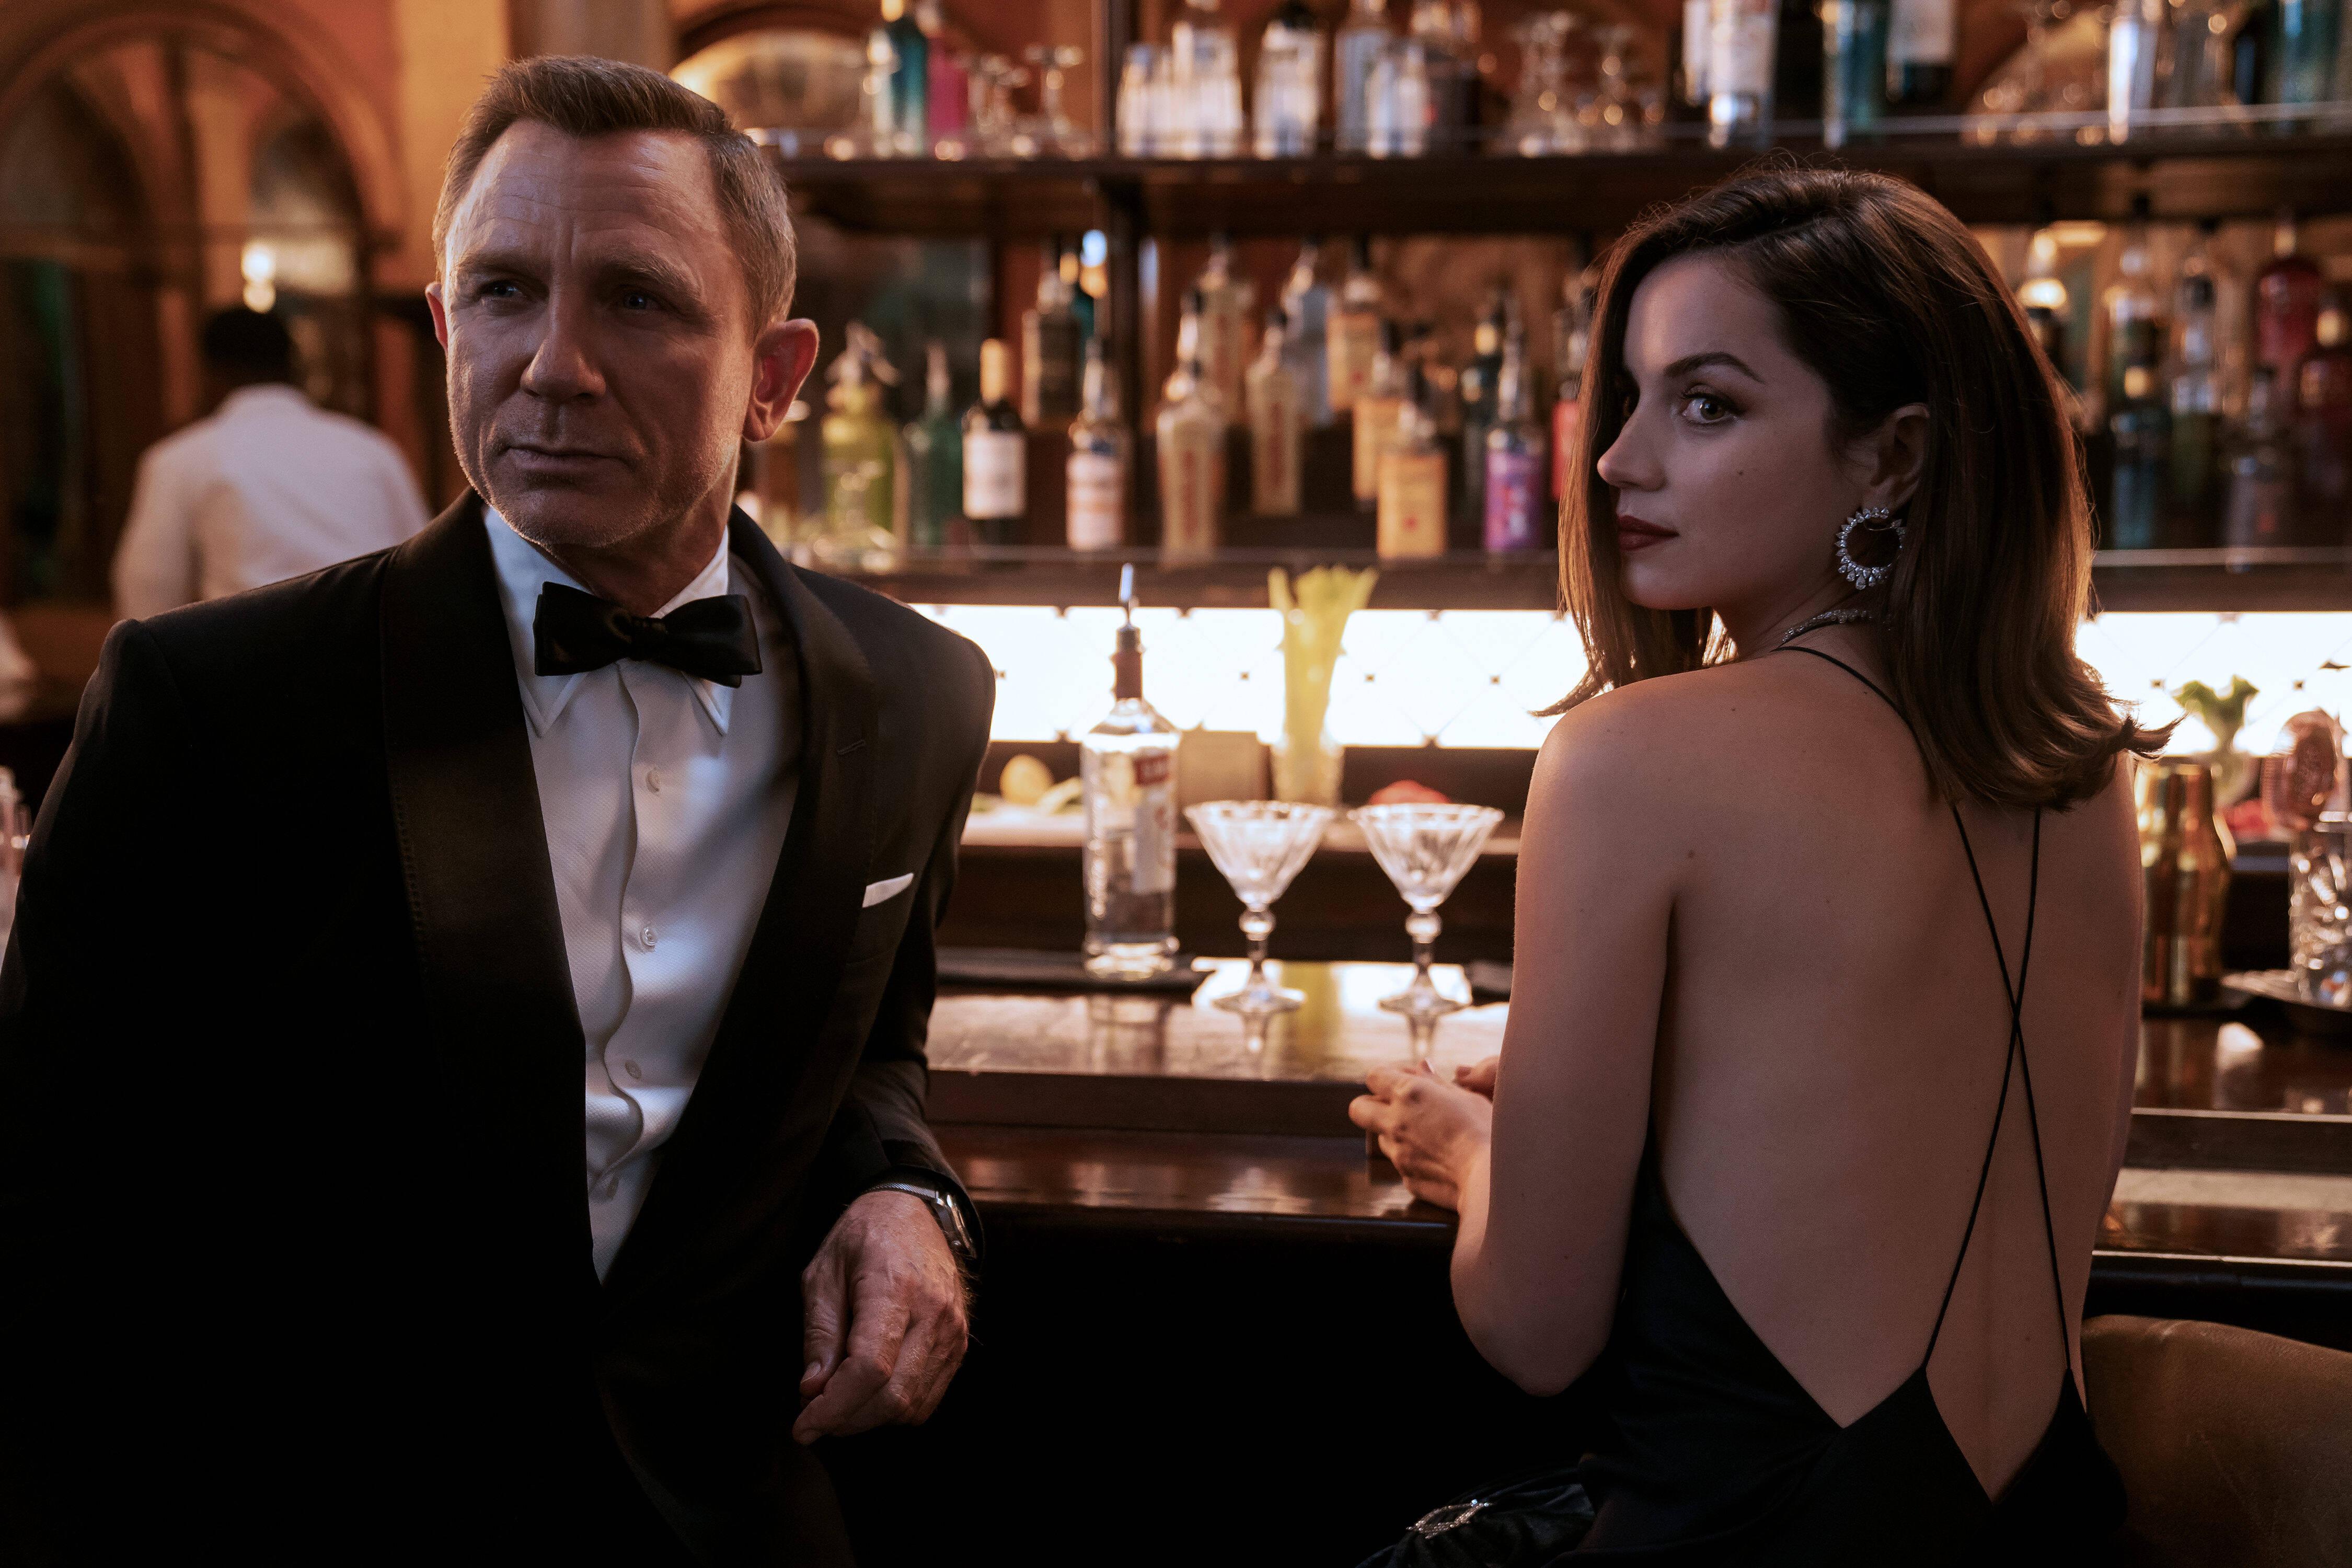 «Бесовское чувство юмора»: Крэйг против агента 007 в женском обличии